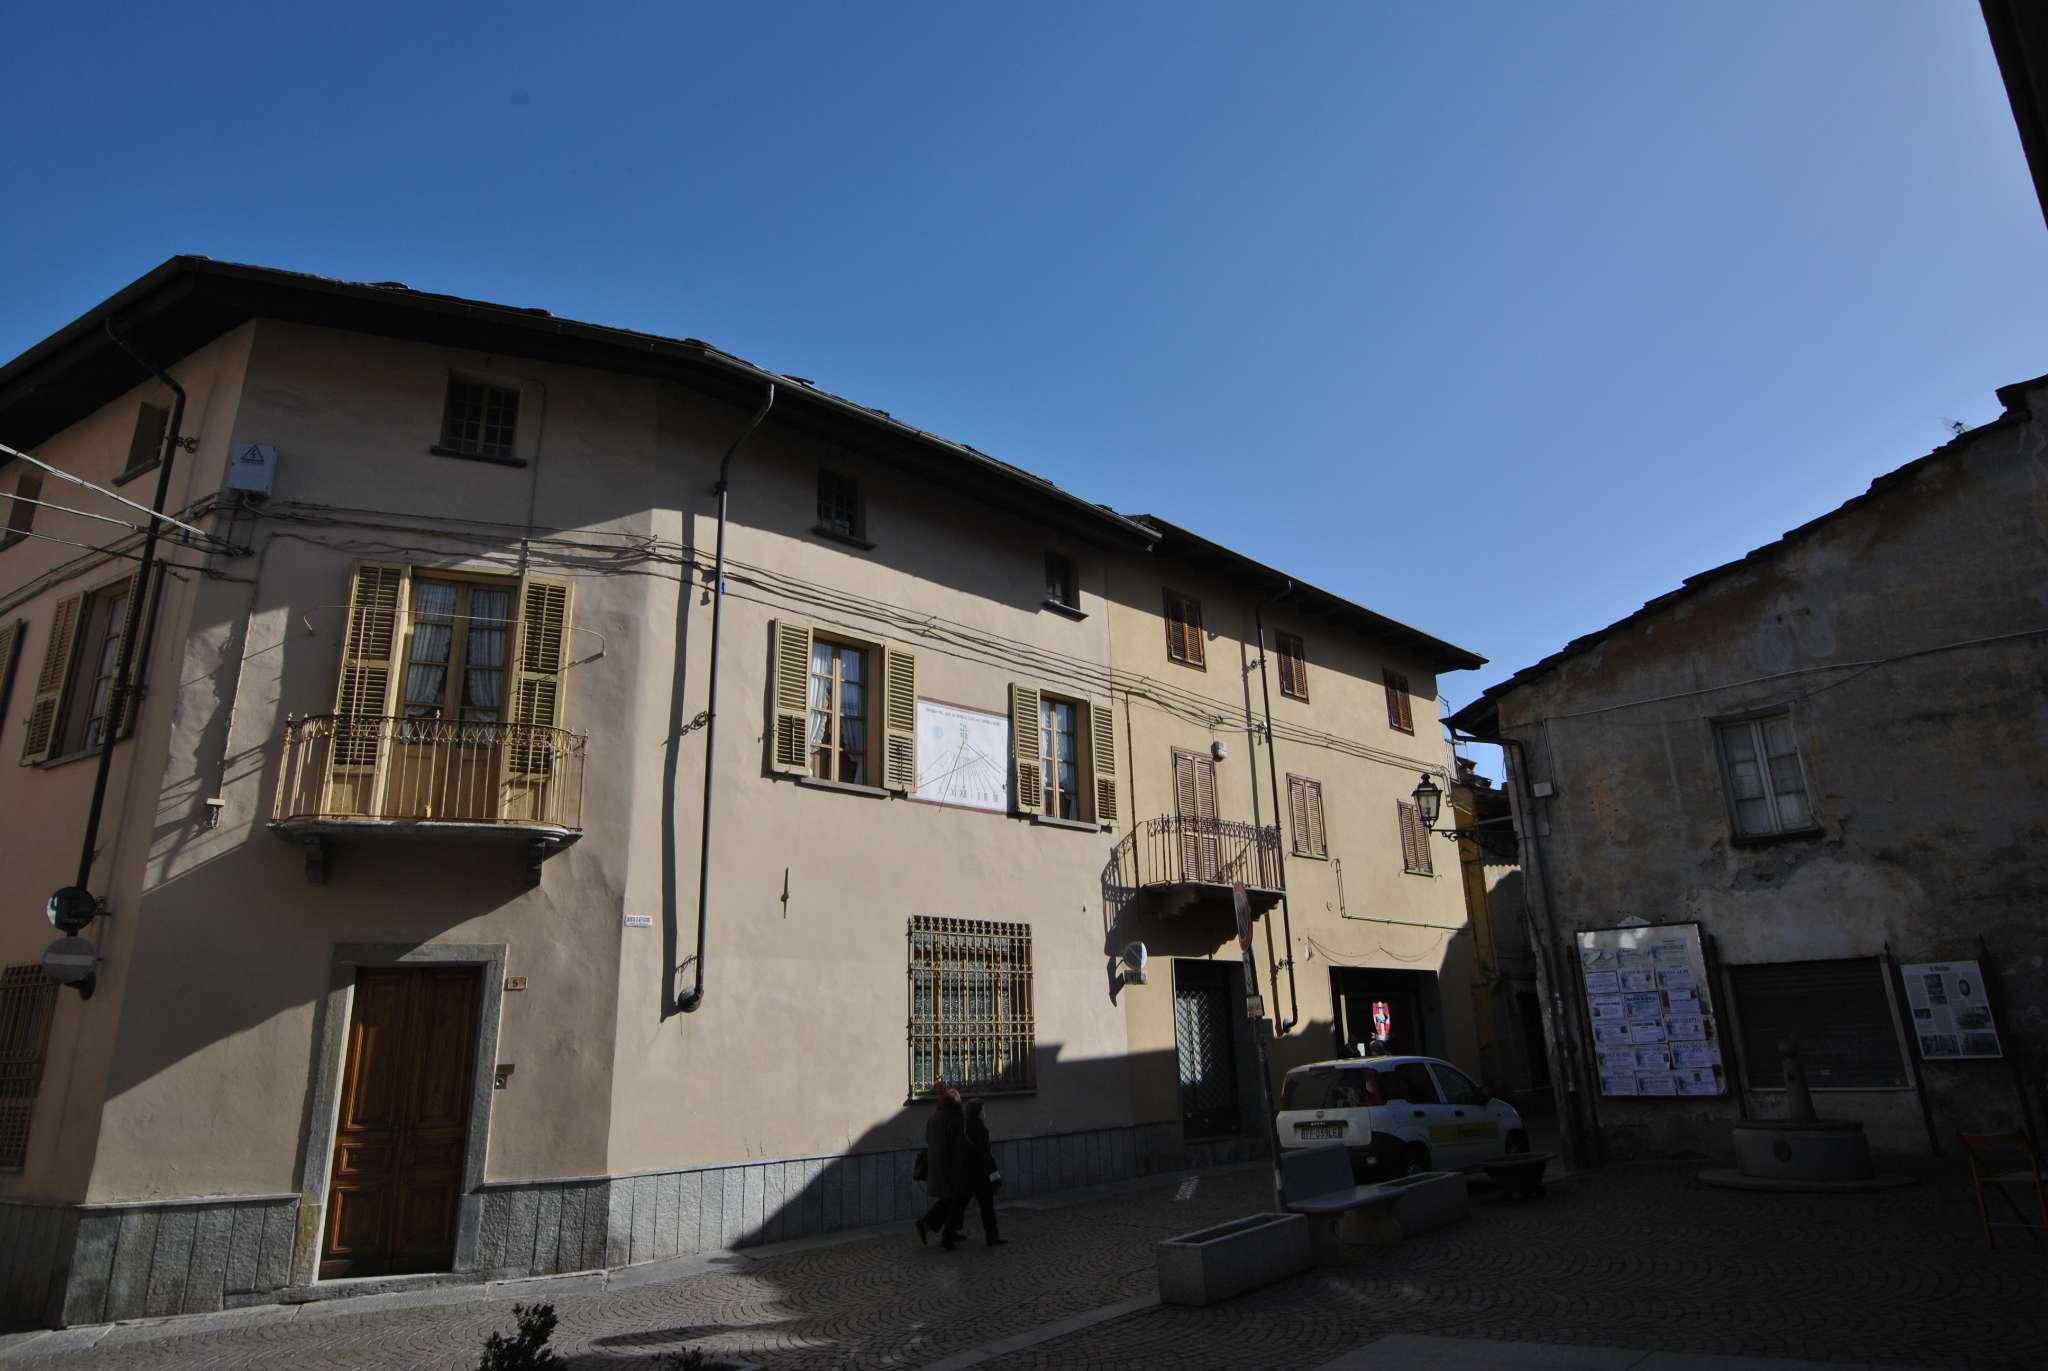 Appartamento in vendita a Bussoleno, 4 locali, prezzo € 44.500 | PortaleAgenzieImmobiliari.it